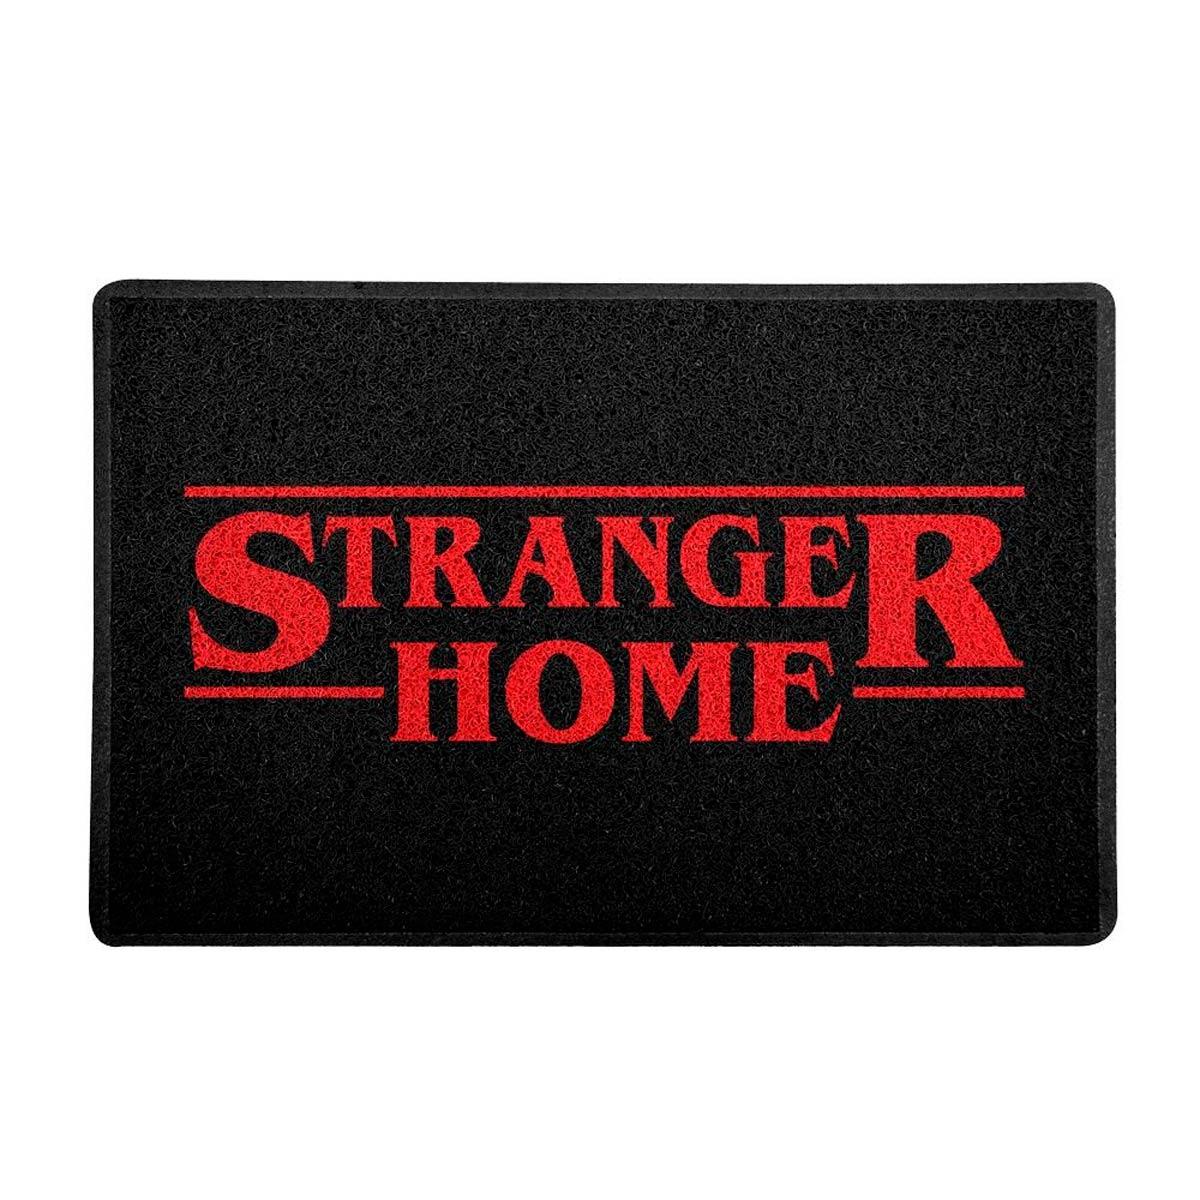 Capacho Decoração Geek 60x40cm Stranger Home Preto - Presente Super